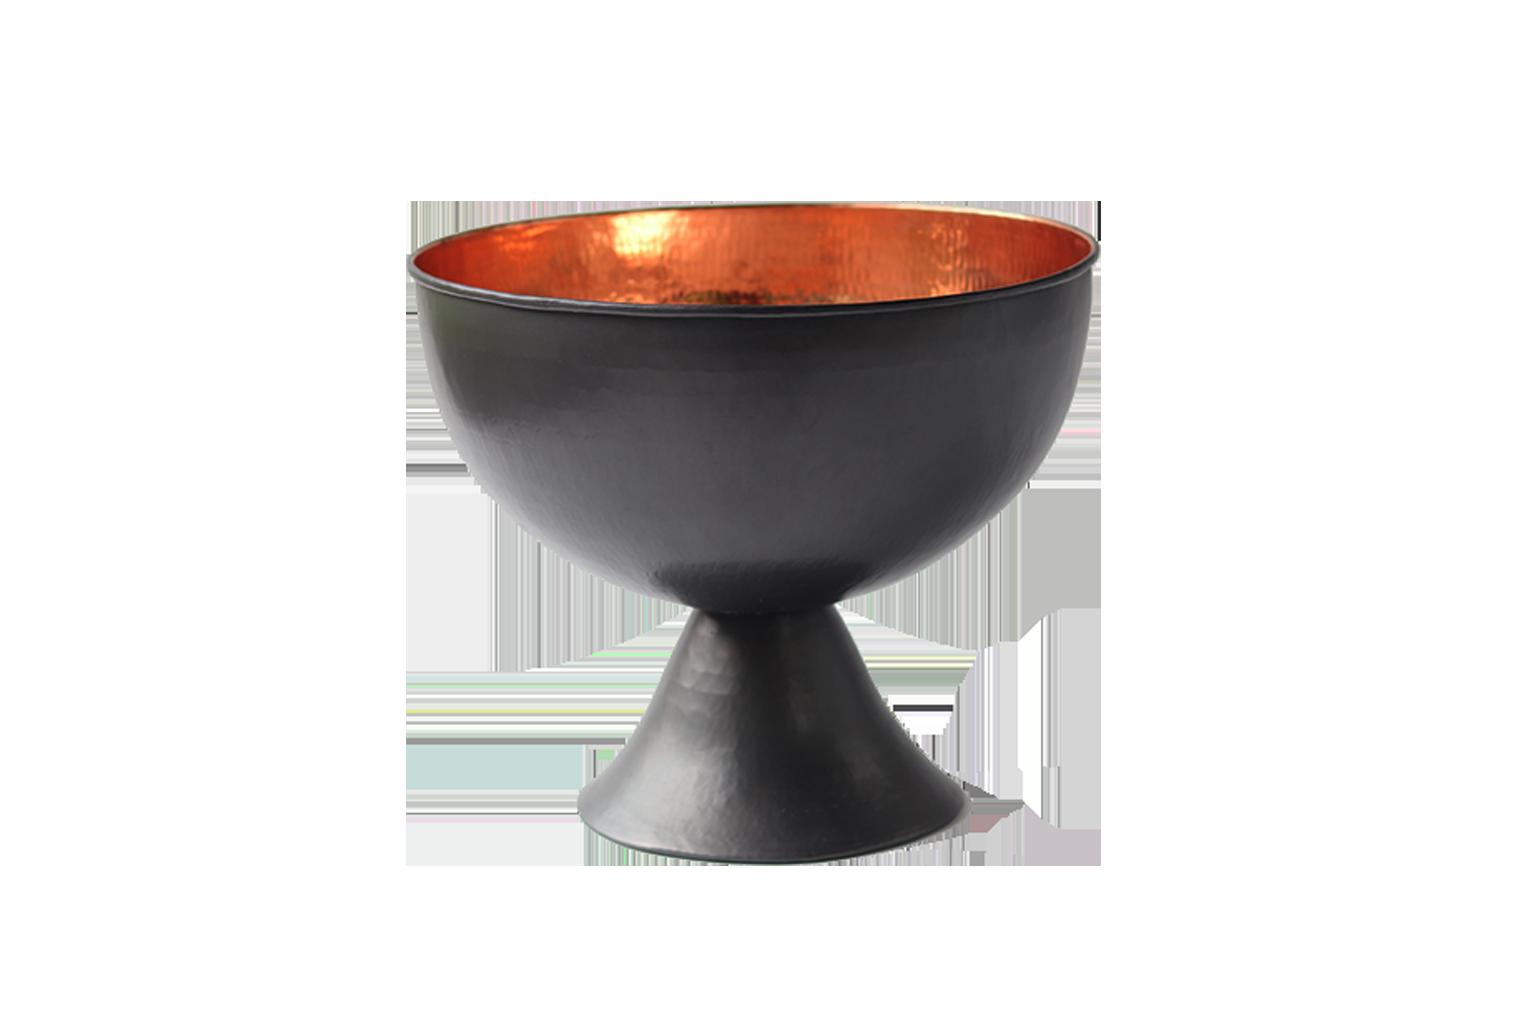 Black Copper Ice Bucket - S$250